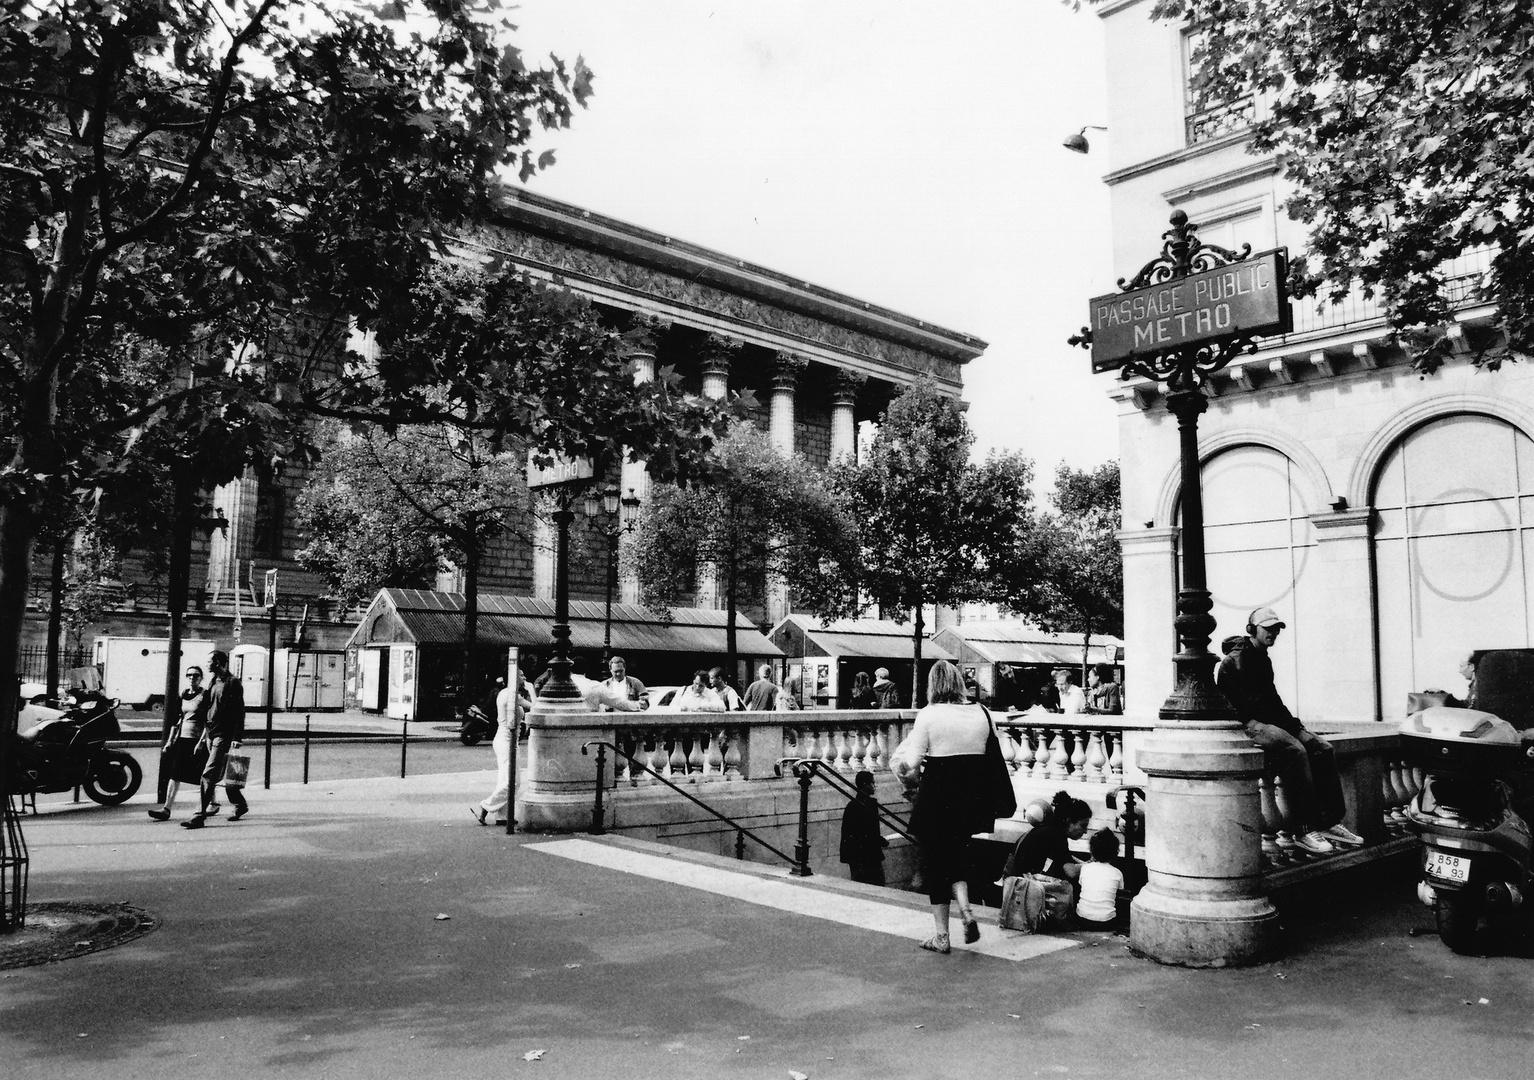 Metro-Station in Paris